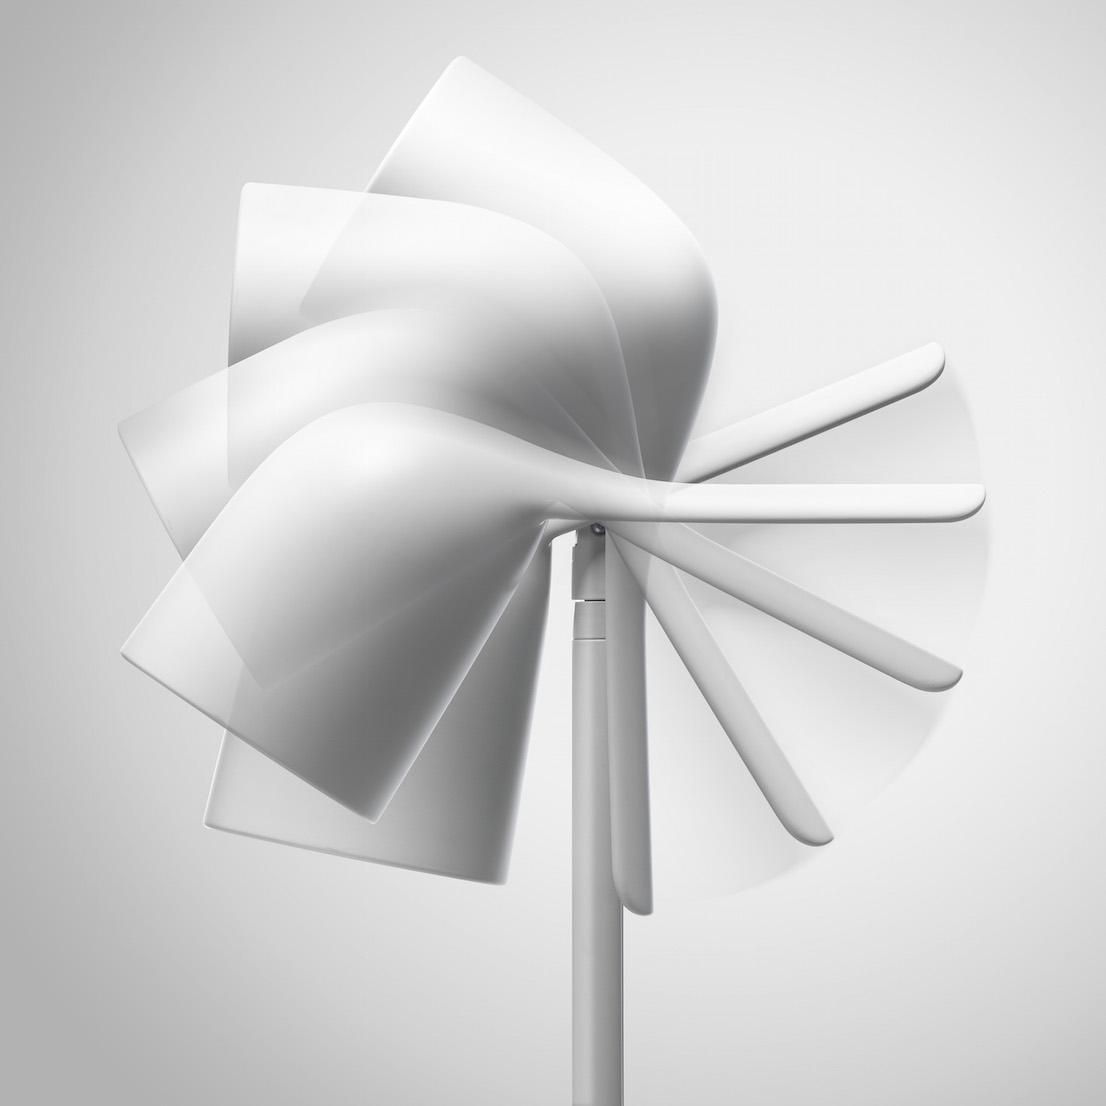 Colibrì, design di Odoardo Fioravanti per Foscarini, 2011.